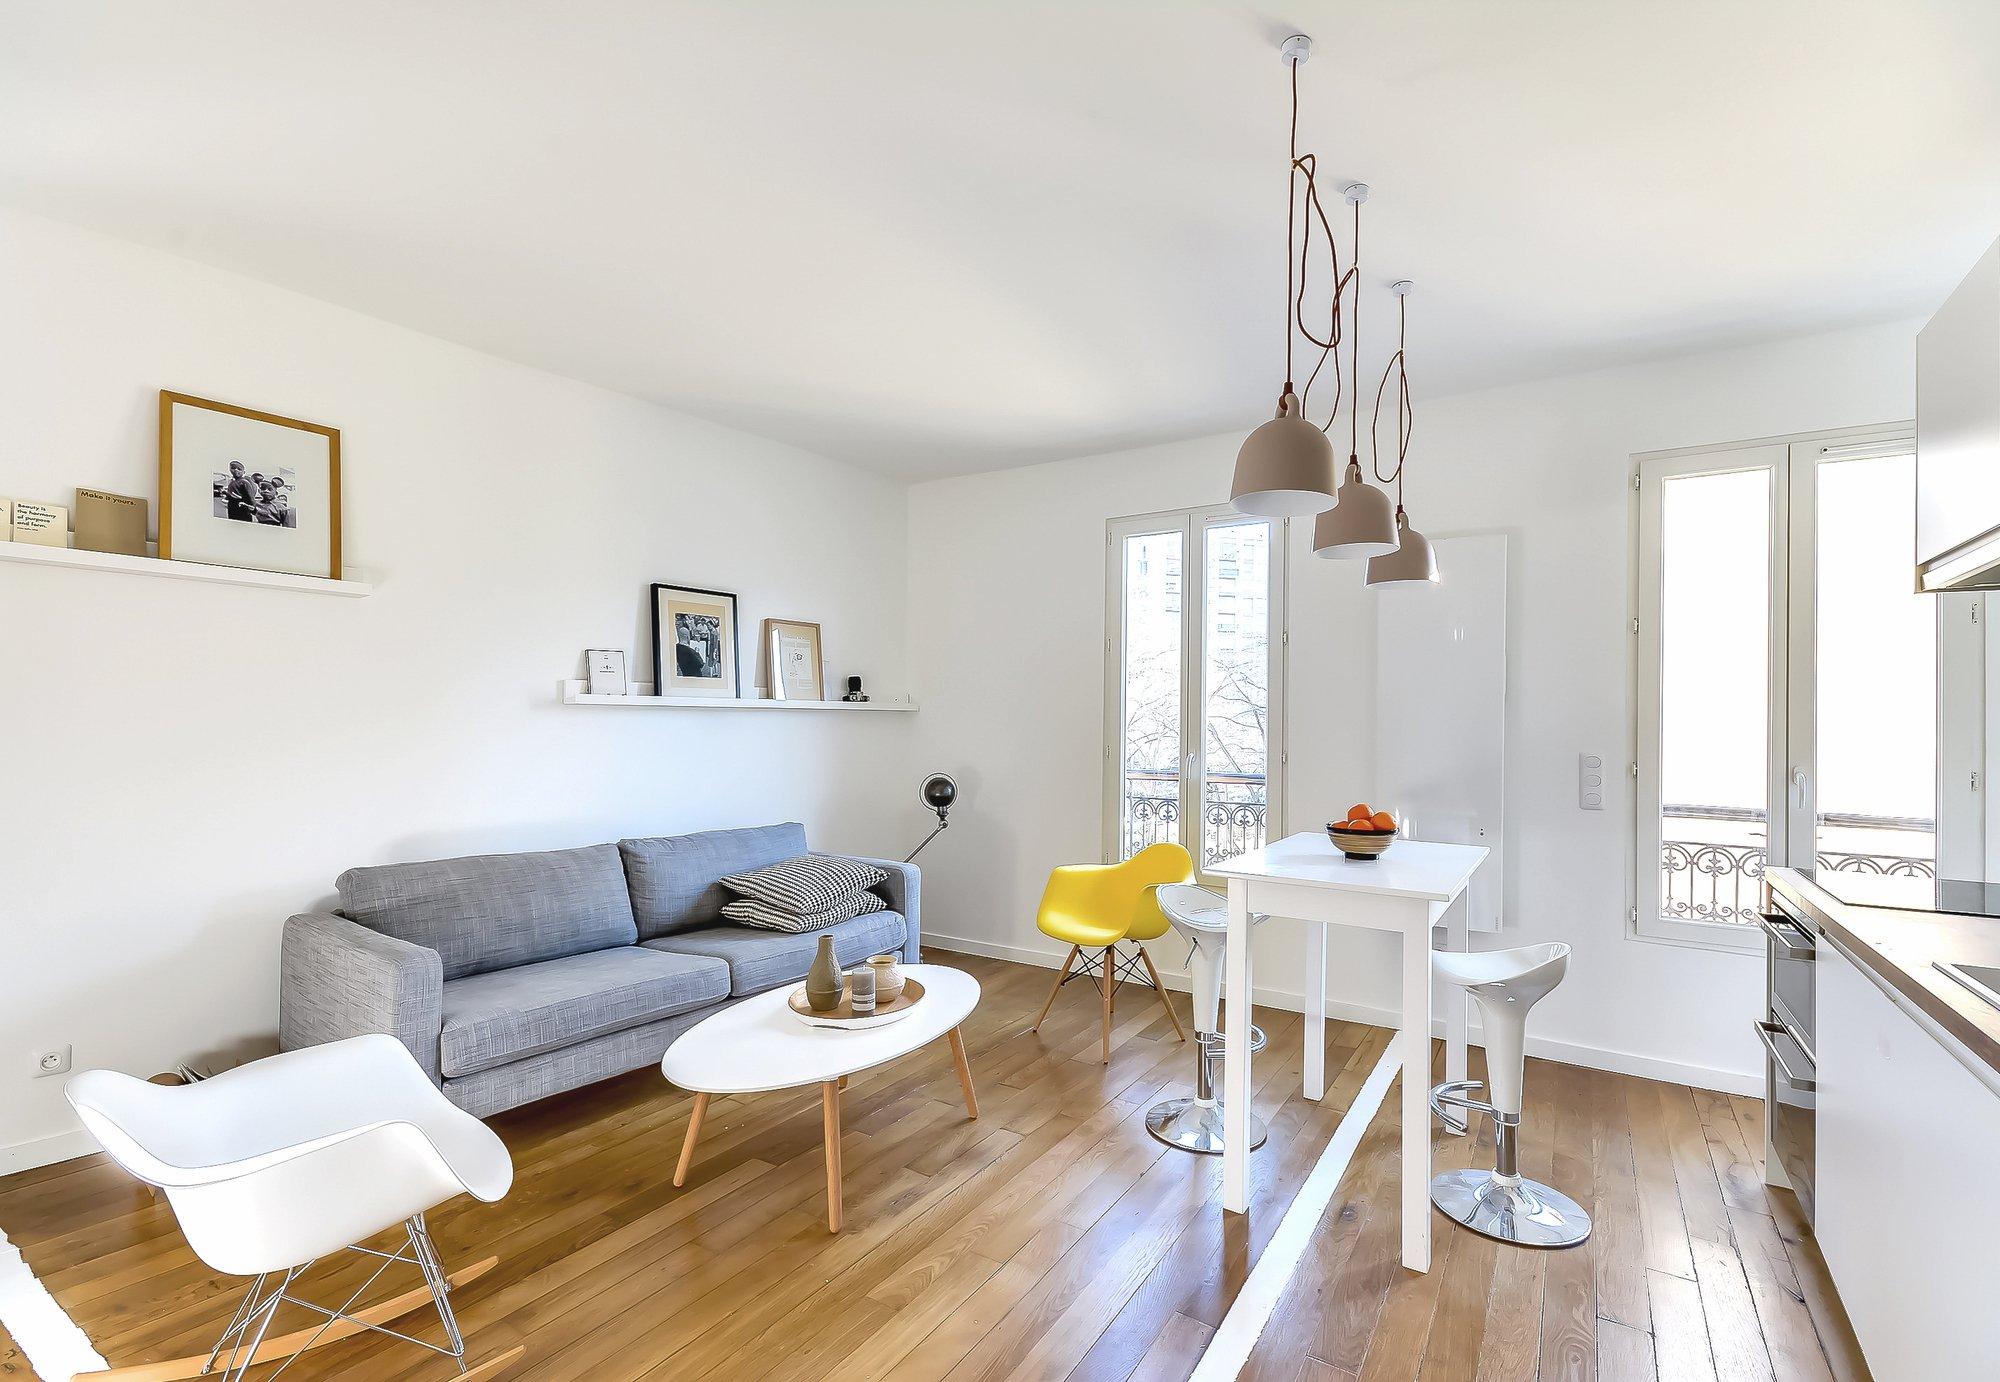 [Locat'me] 5 astuces pour optimiser l'espace dans un logement étudiant